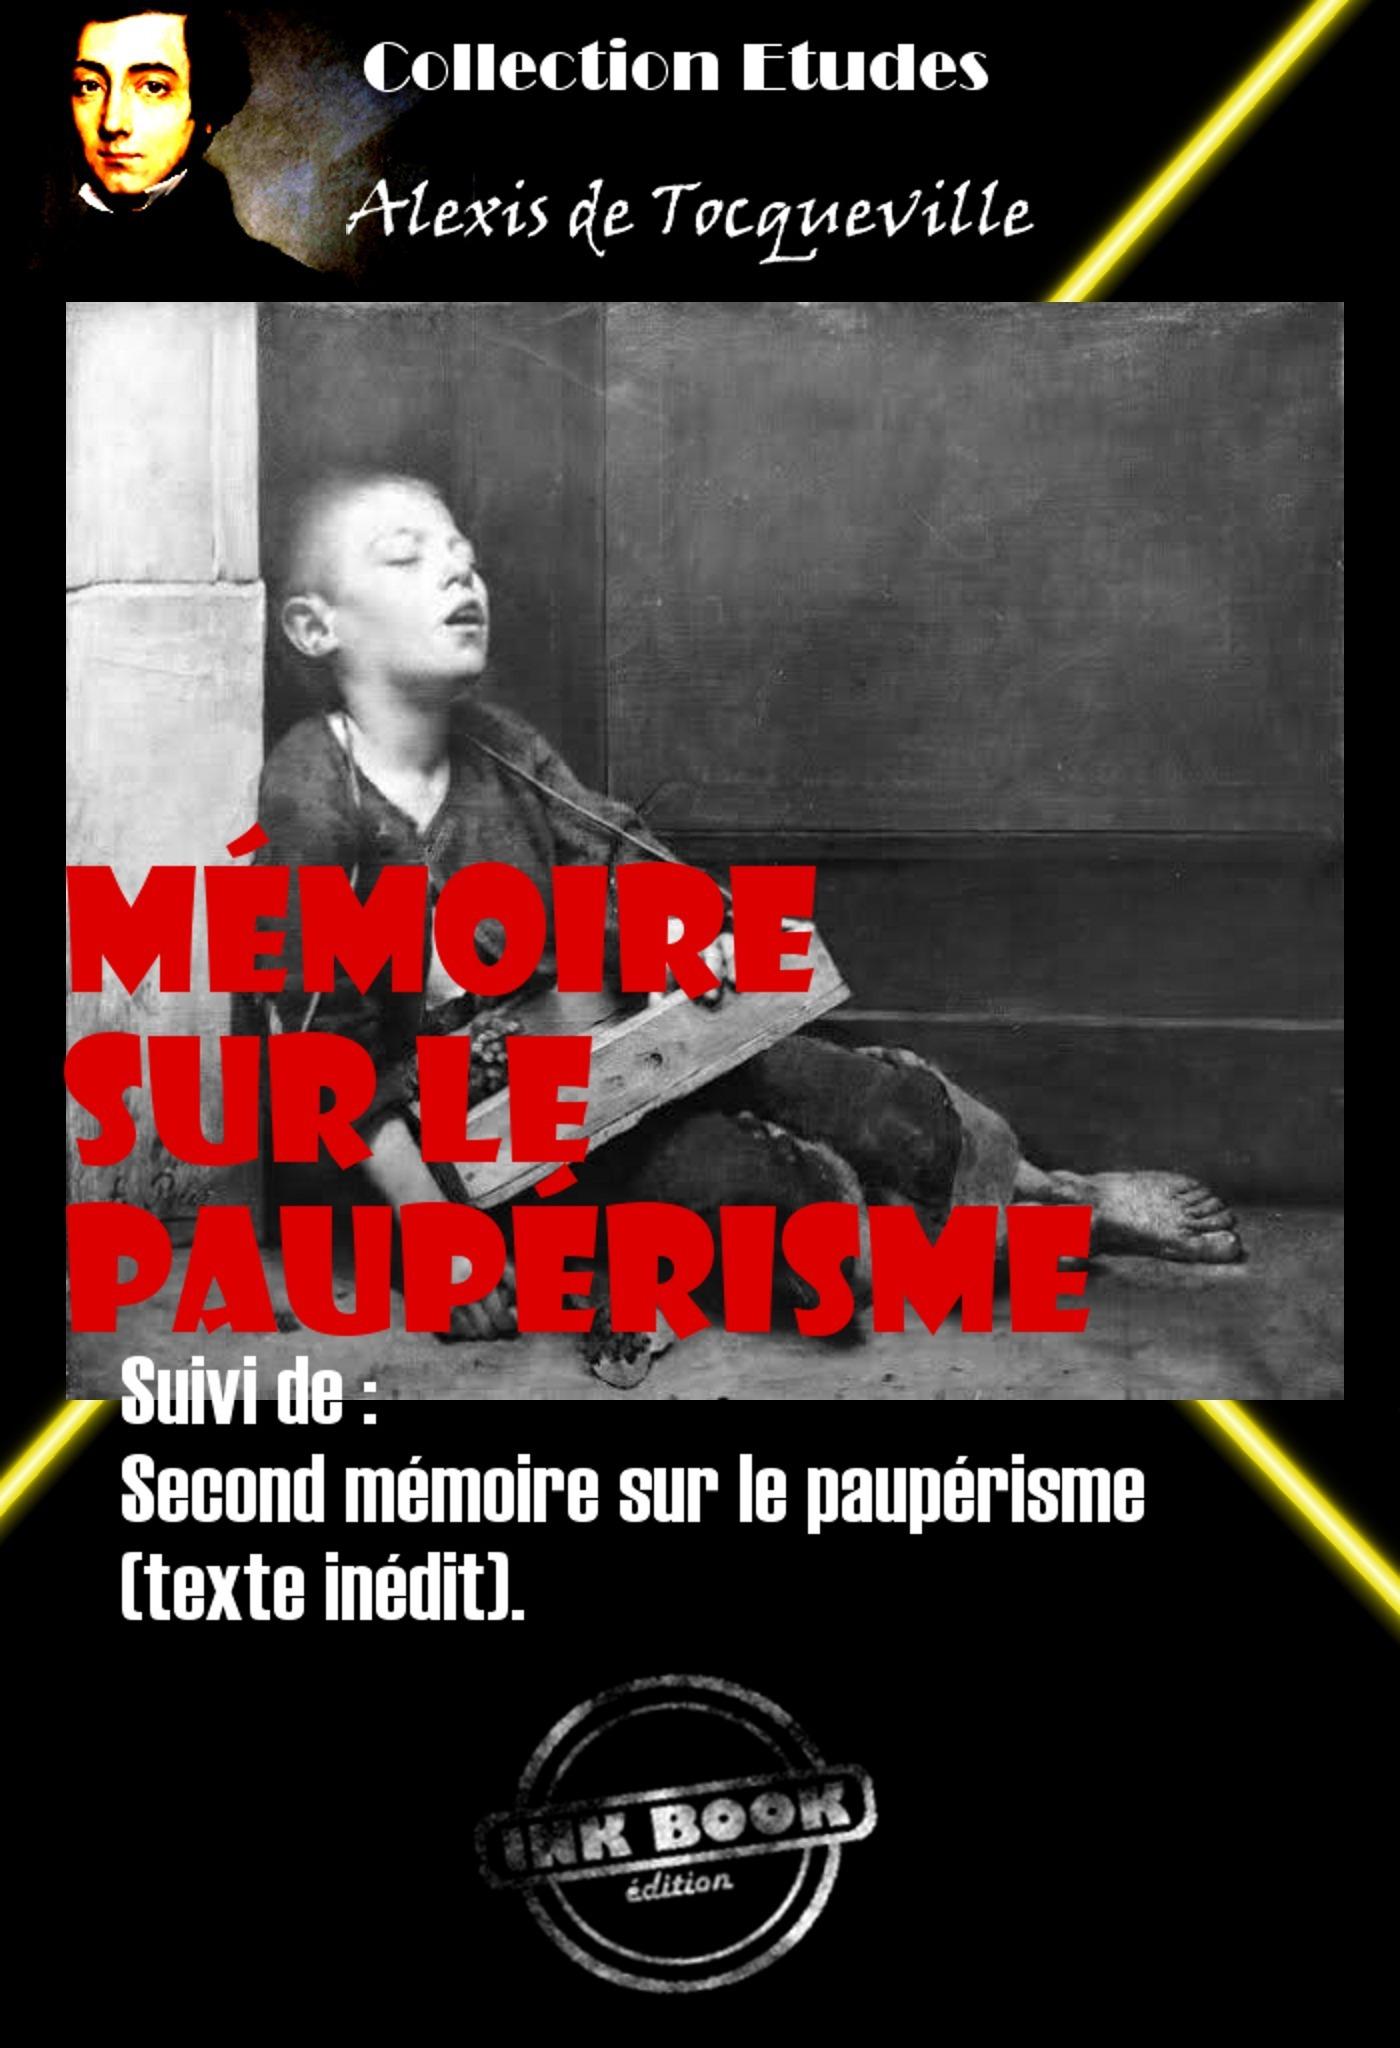 Mémoire sur le paupérisme Suivi de : Second mémoire sur le paupérisme  (texte inédit).